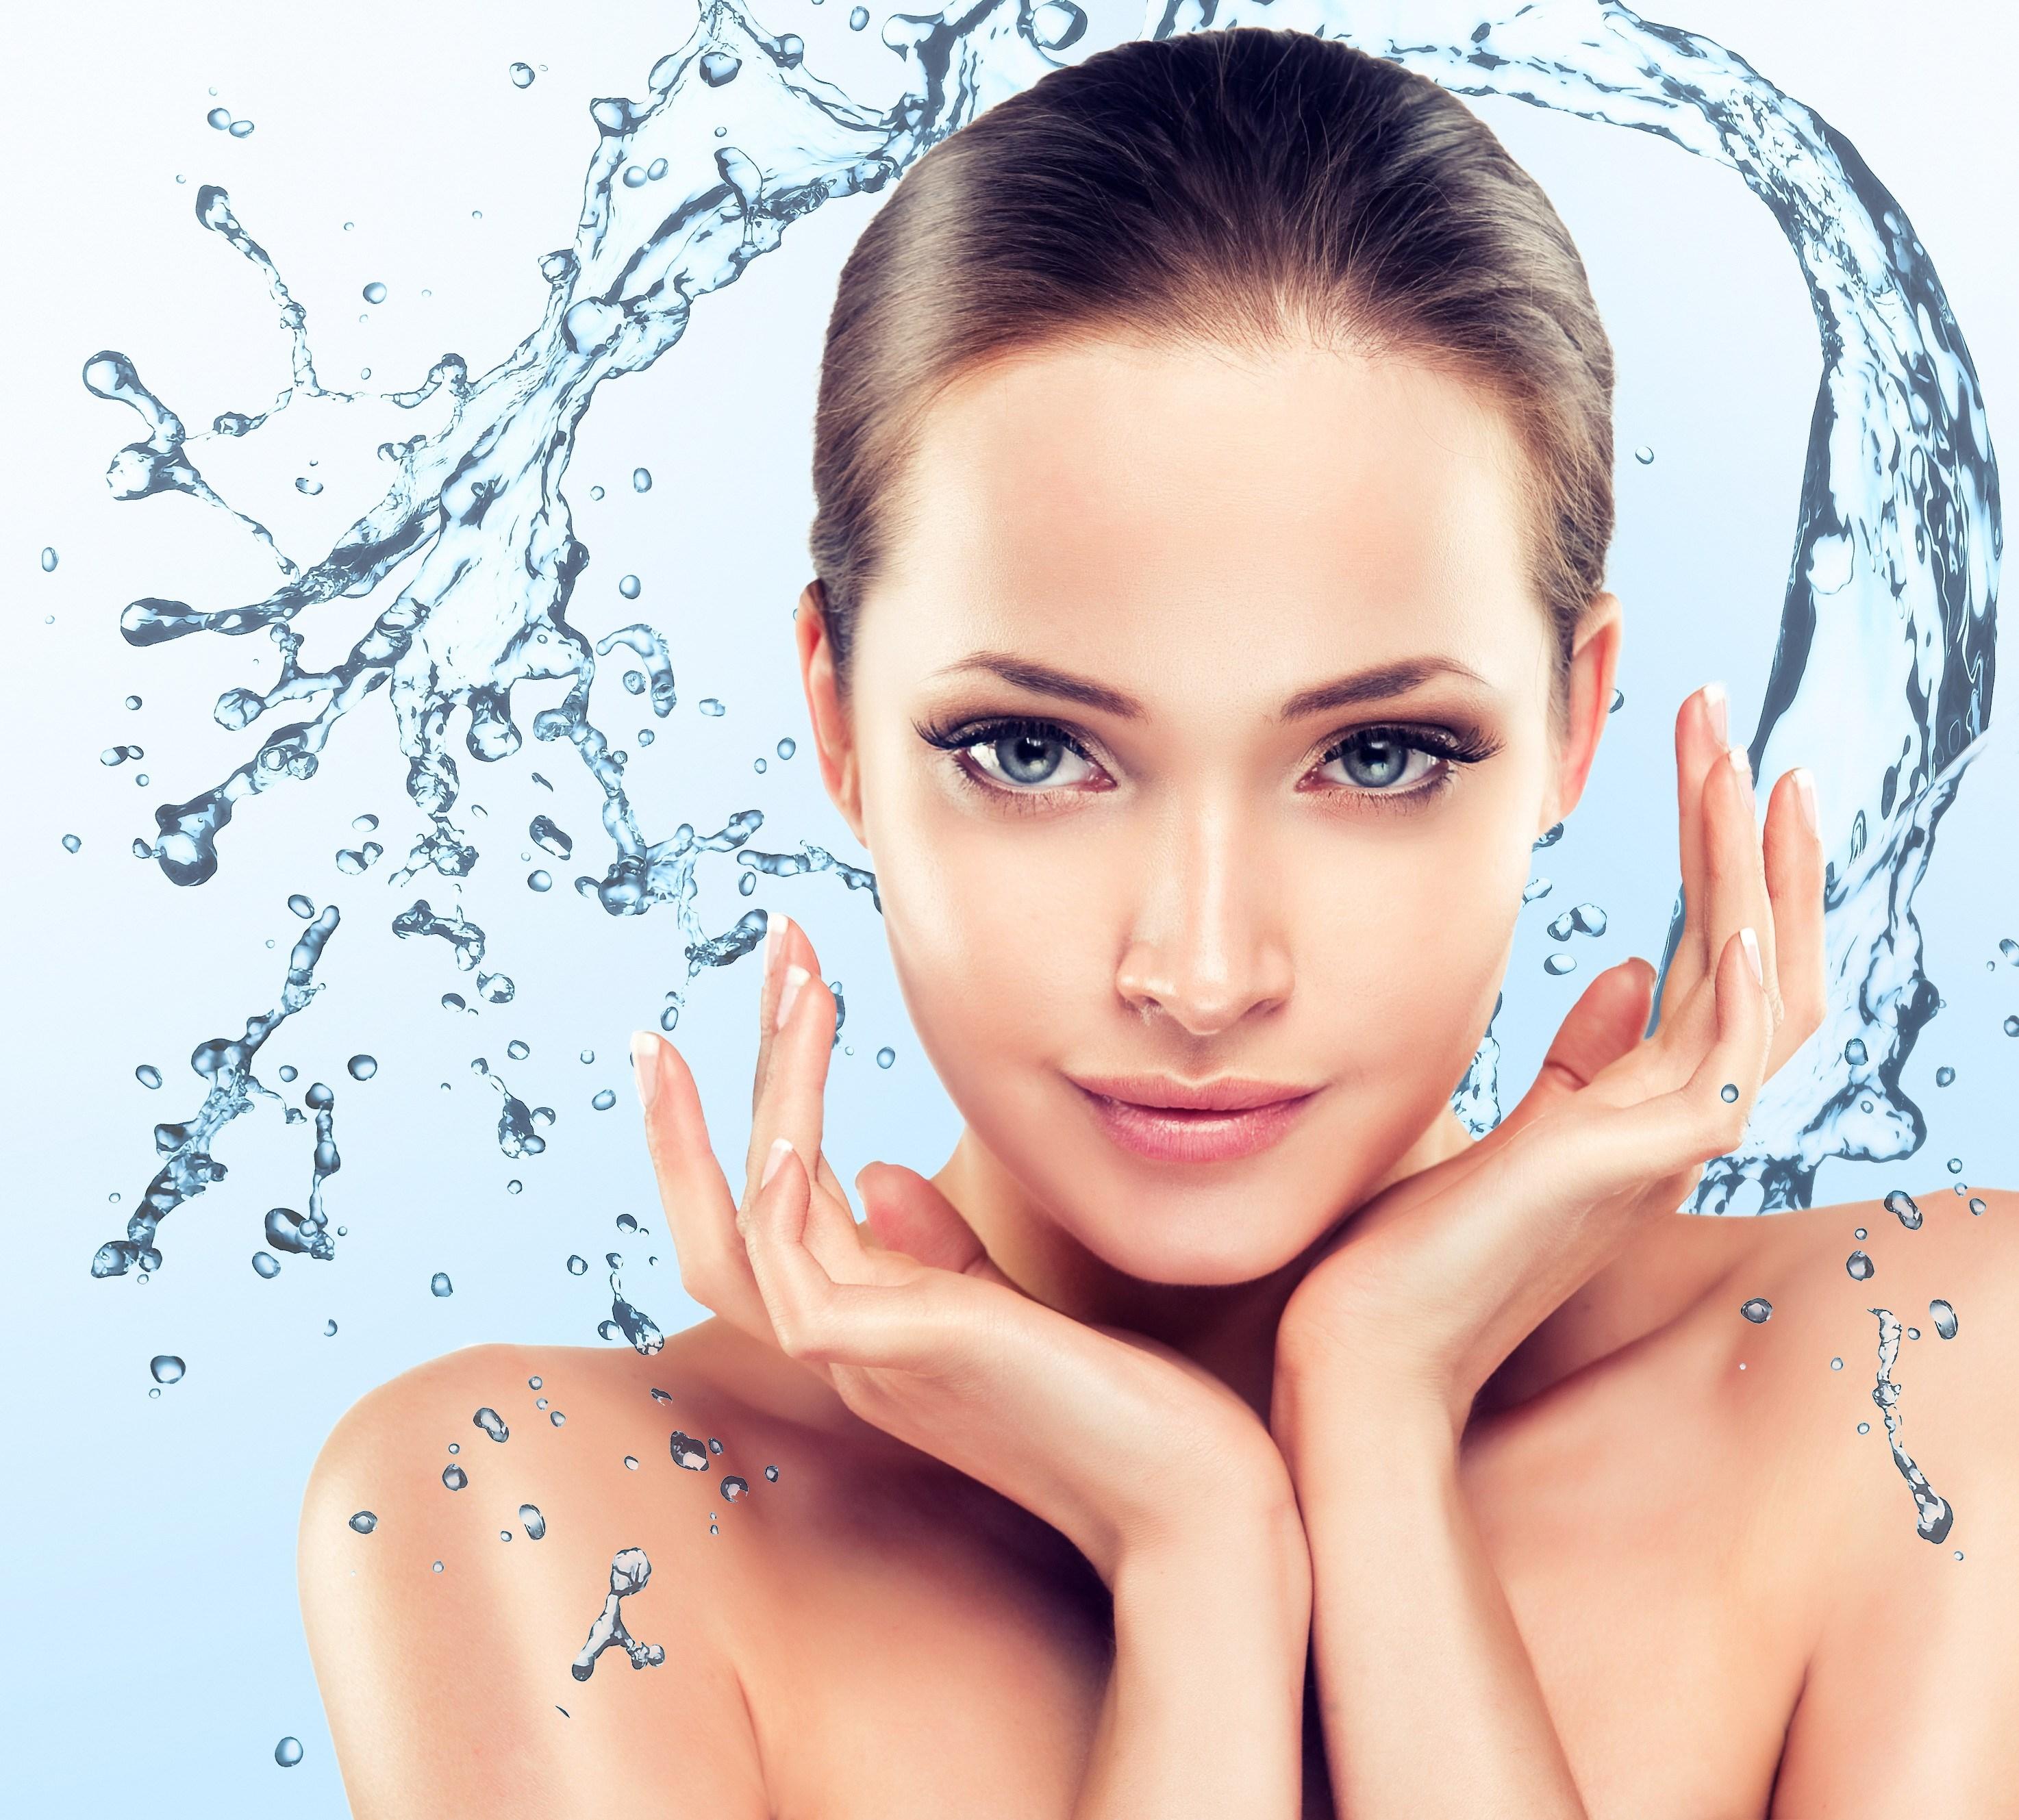 酵素的肌肤保养功效